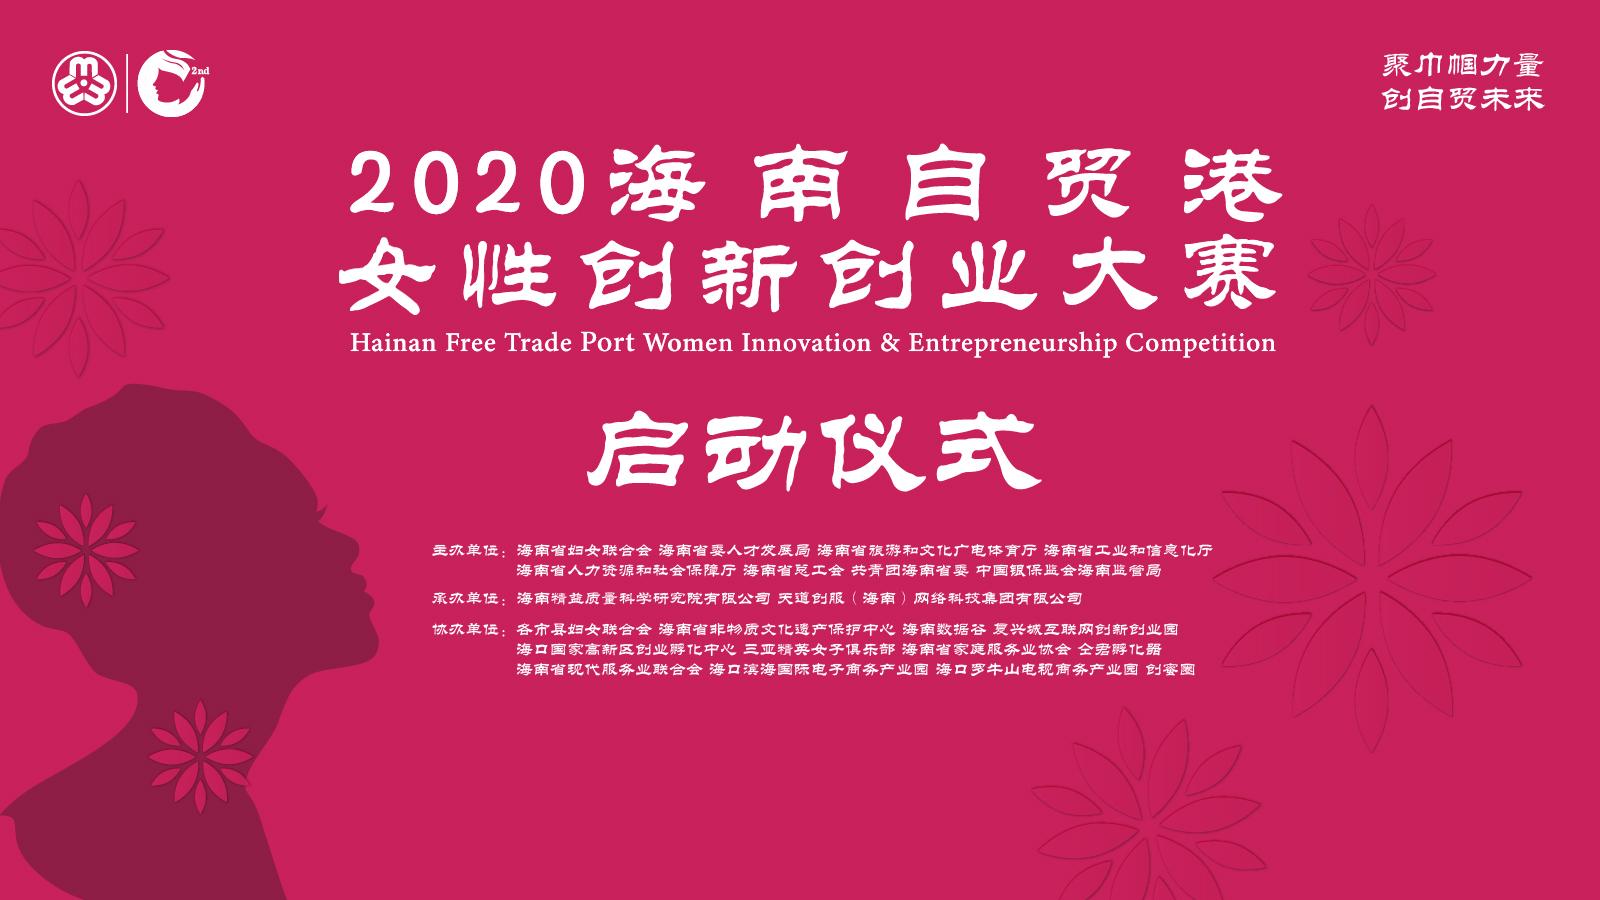 2020海南自贸港女性创新创业大赛启动仪式|现场视频直播